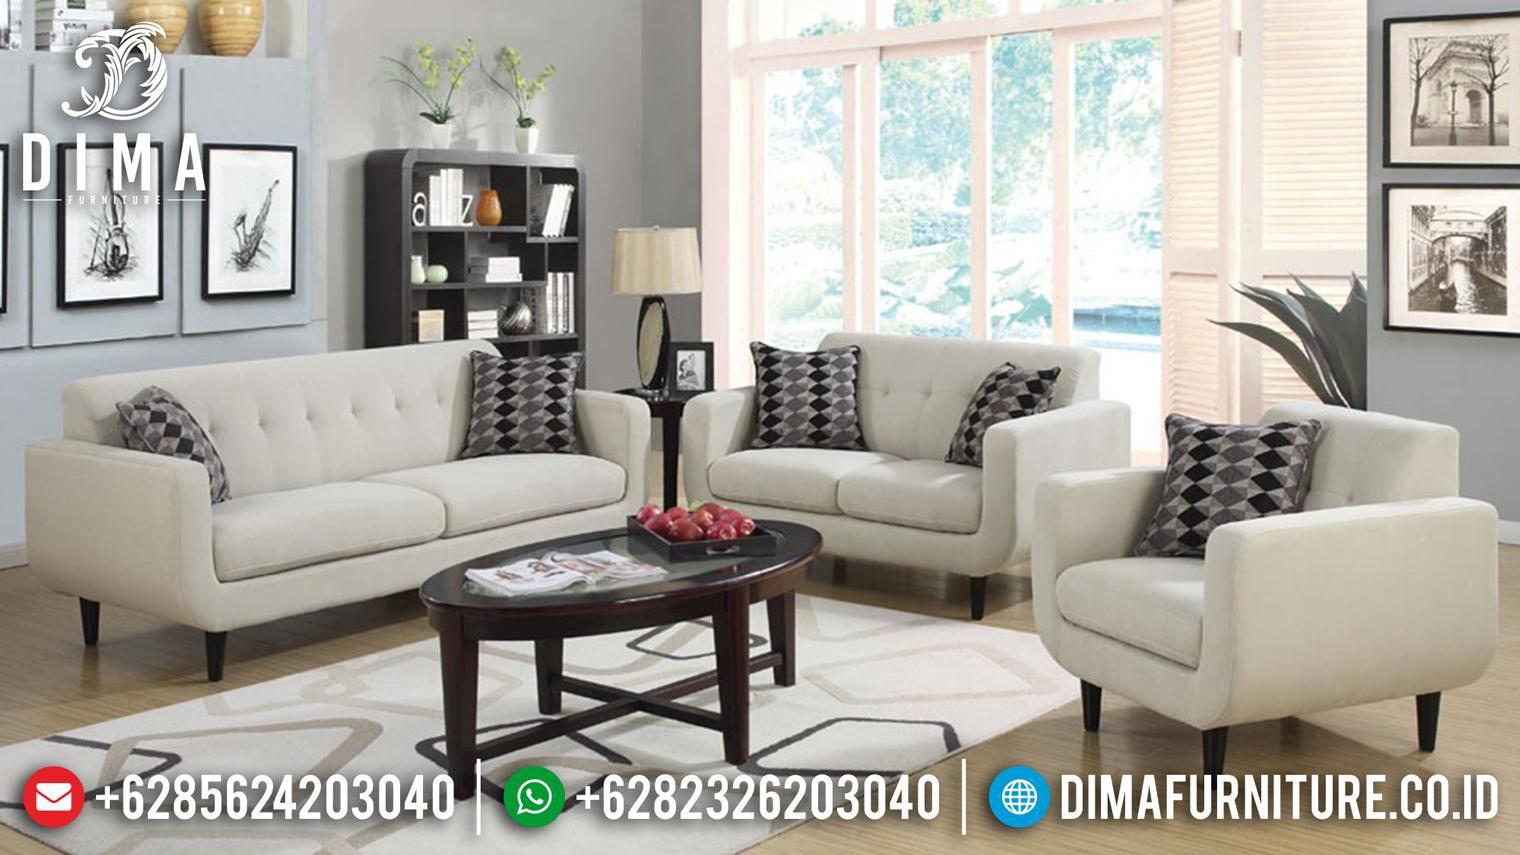 Sofa Tamu Minimalis Jepara Model Rosalie Terbaru Fabric Cover DF-0655